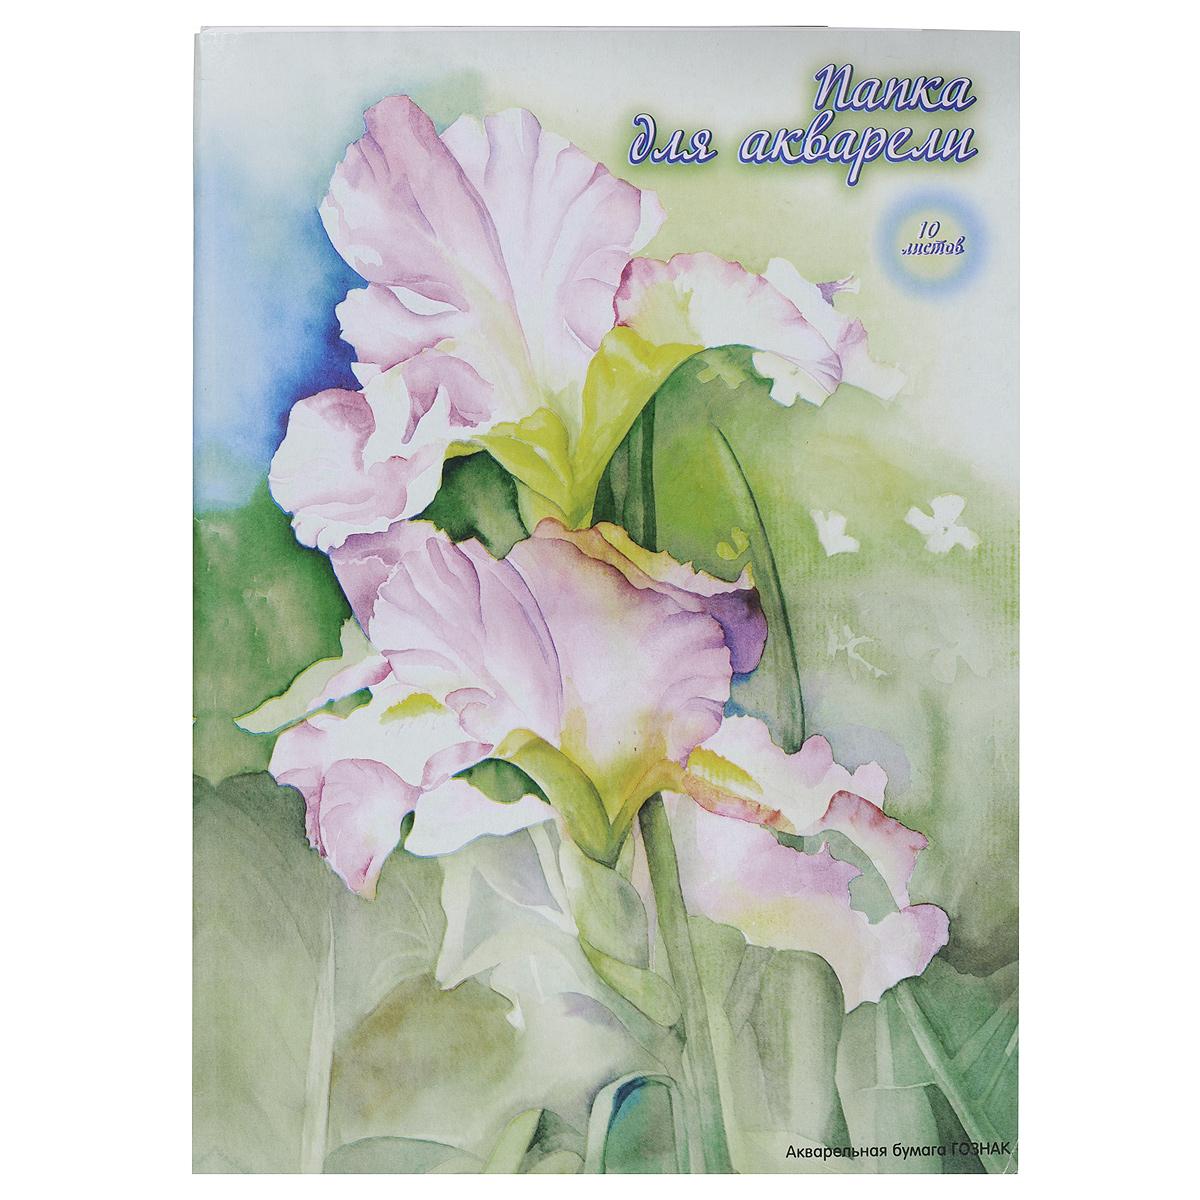 """Бумага ACTION! """"Цветок"""" предназначена для акварельных работ. Комплект содержит десять листов бумаги формата А3, упакованных в картонную папку с изображением цветка. Рекомендуемый возраст: от 6 лет."""